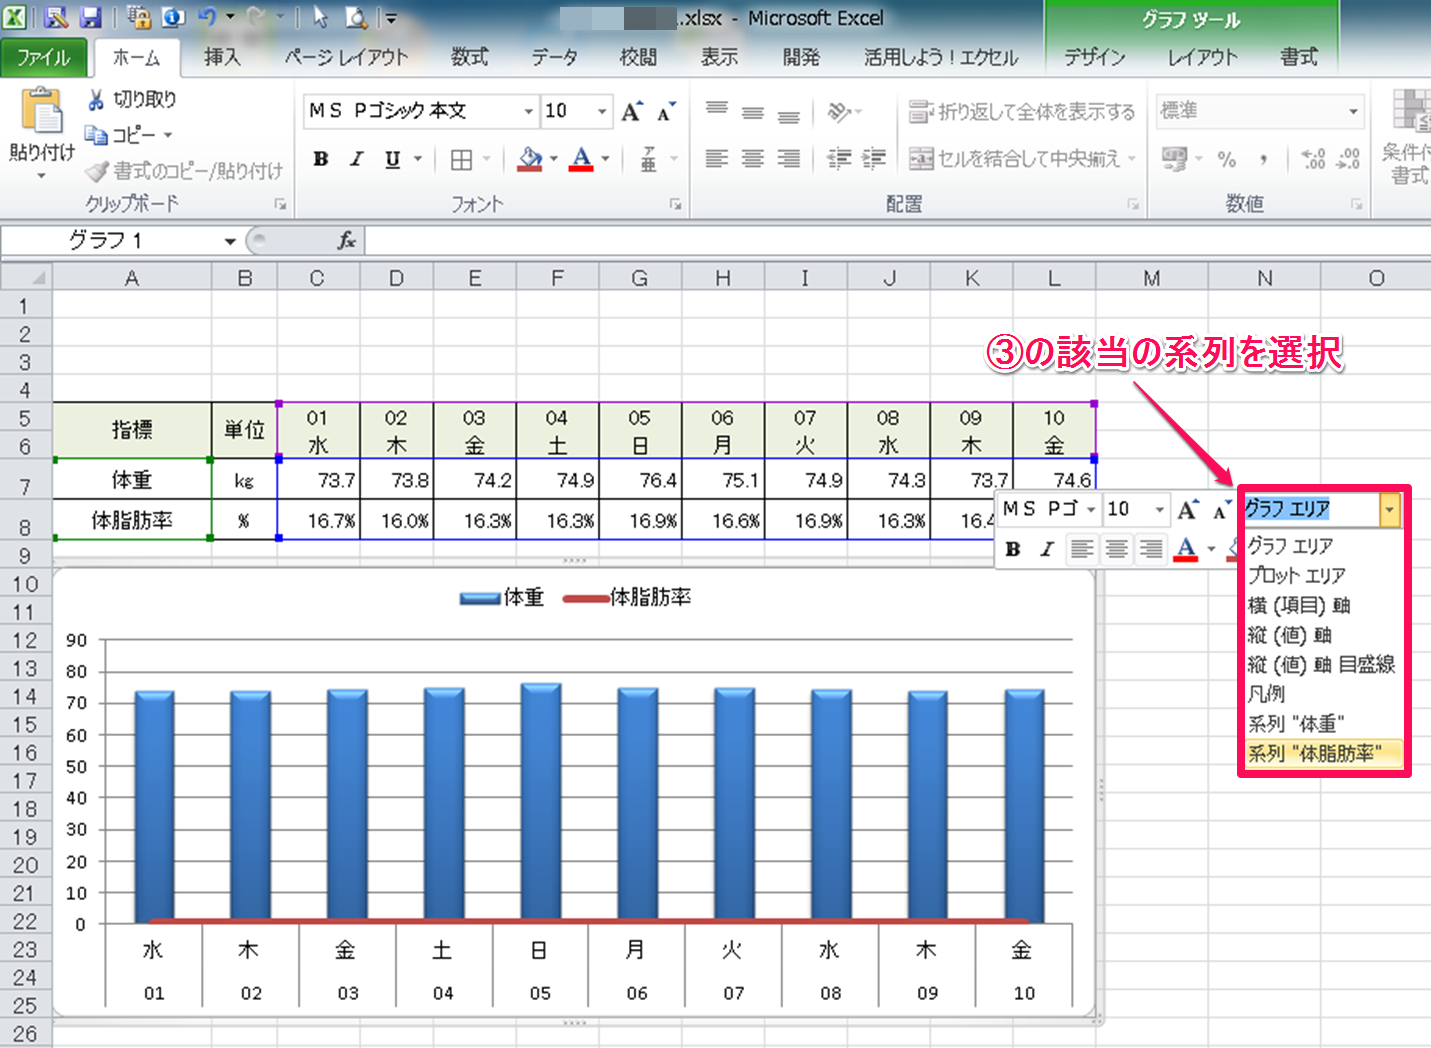 値が極端に小さいデータ系列を簡単に選択して右クリックメニューを表示する方法③